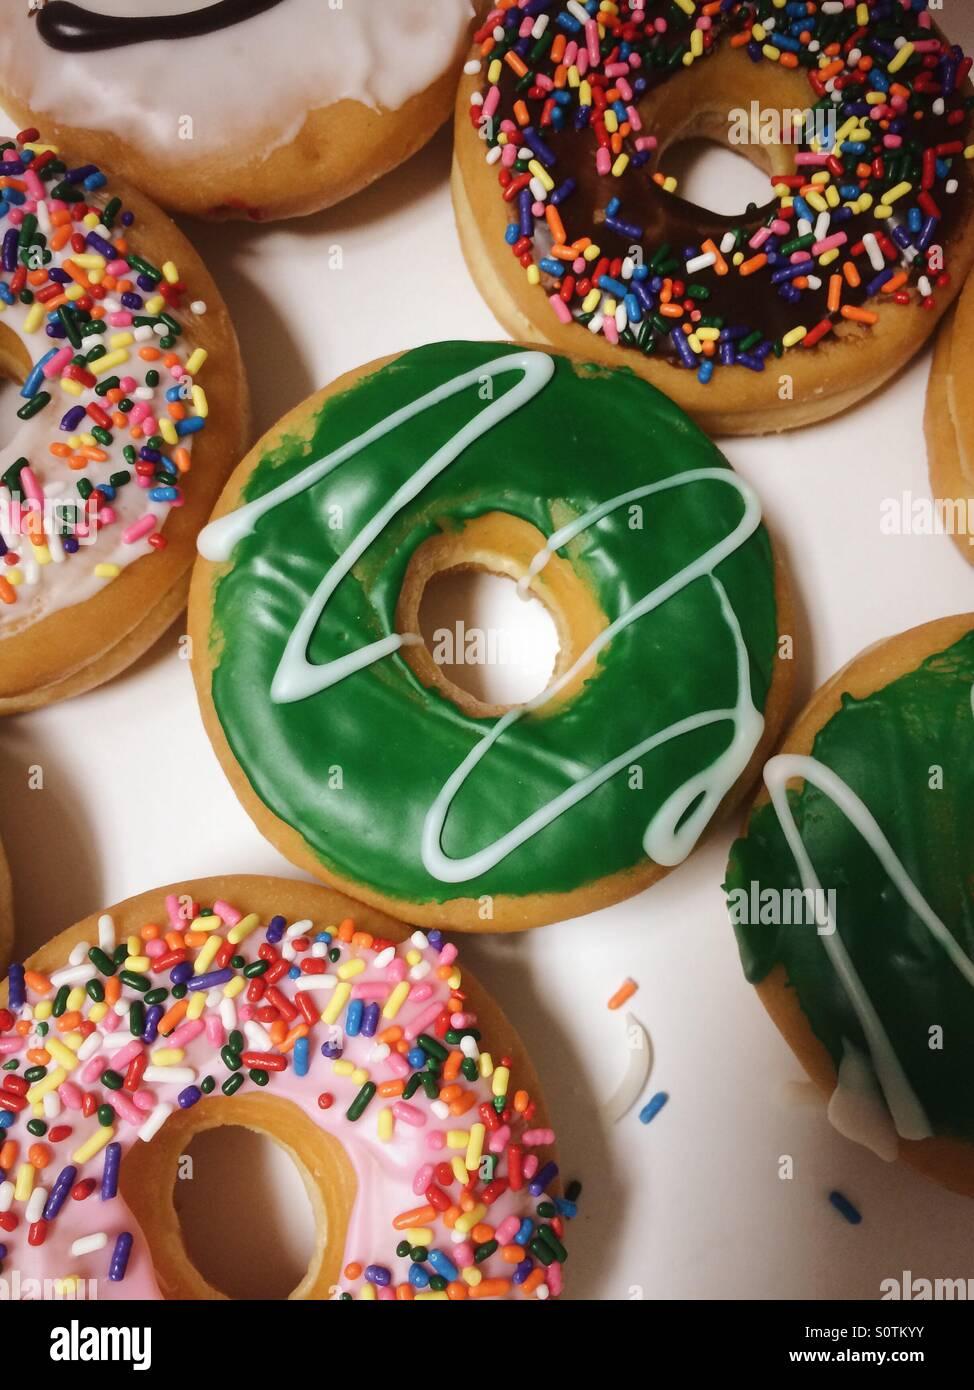 Doughnuts for dinner - Stock Image